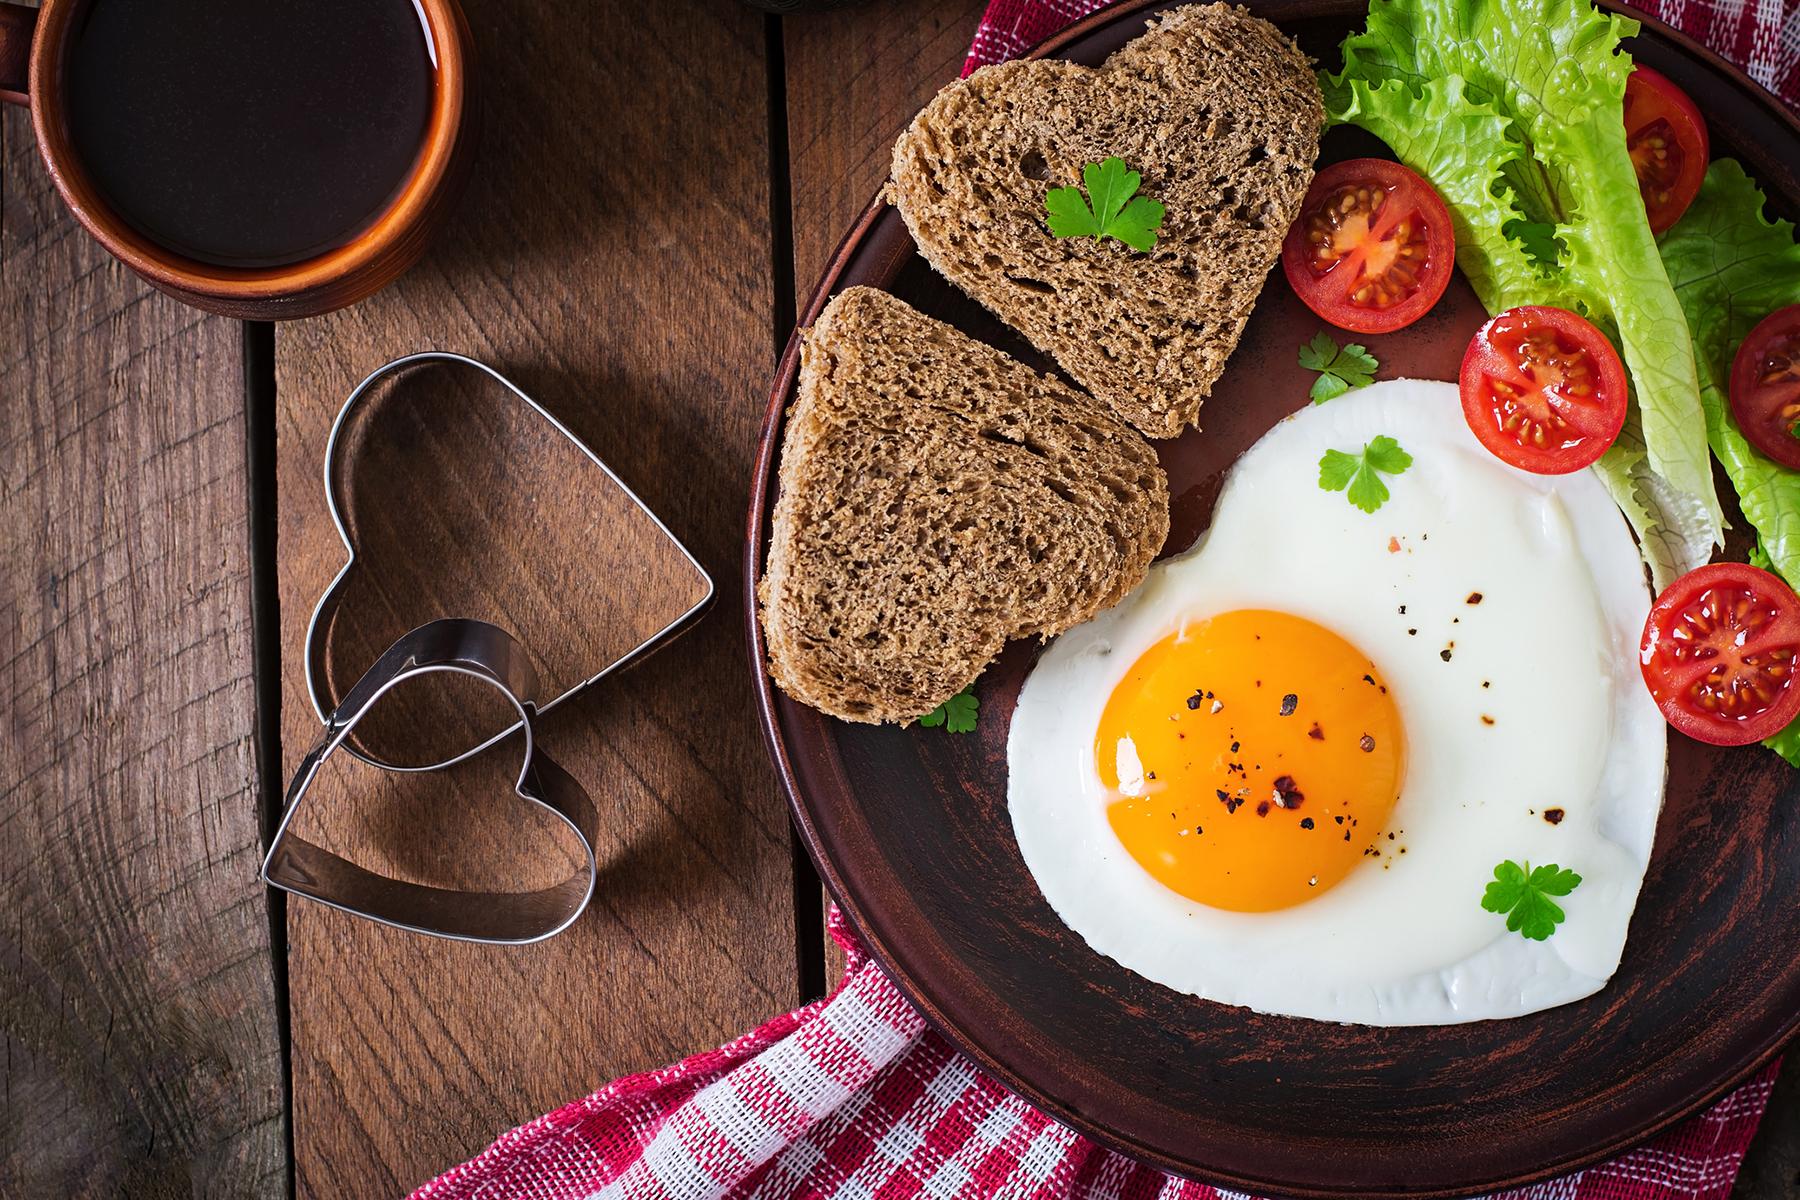 tojás randi lóhere társkereső ügyfélszolgálat